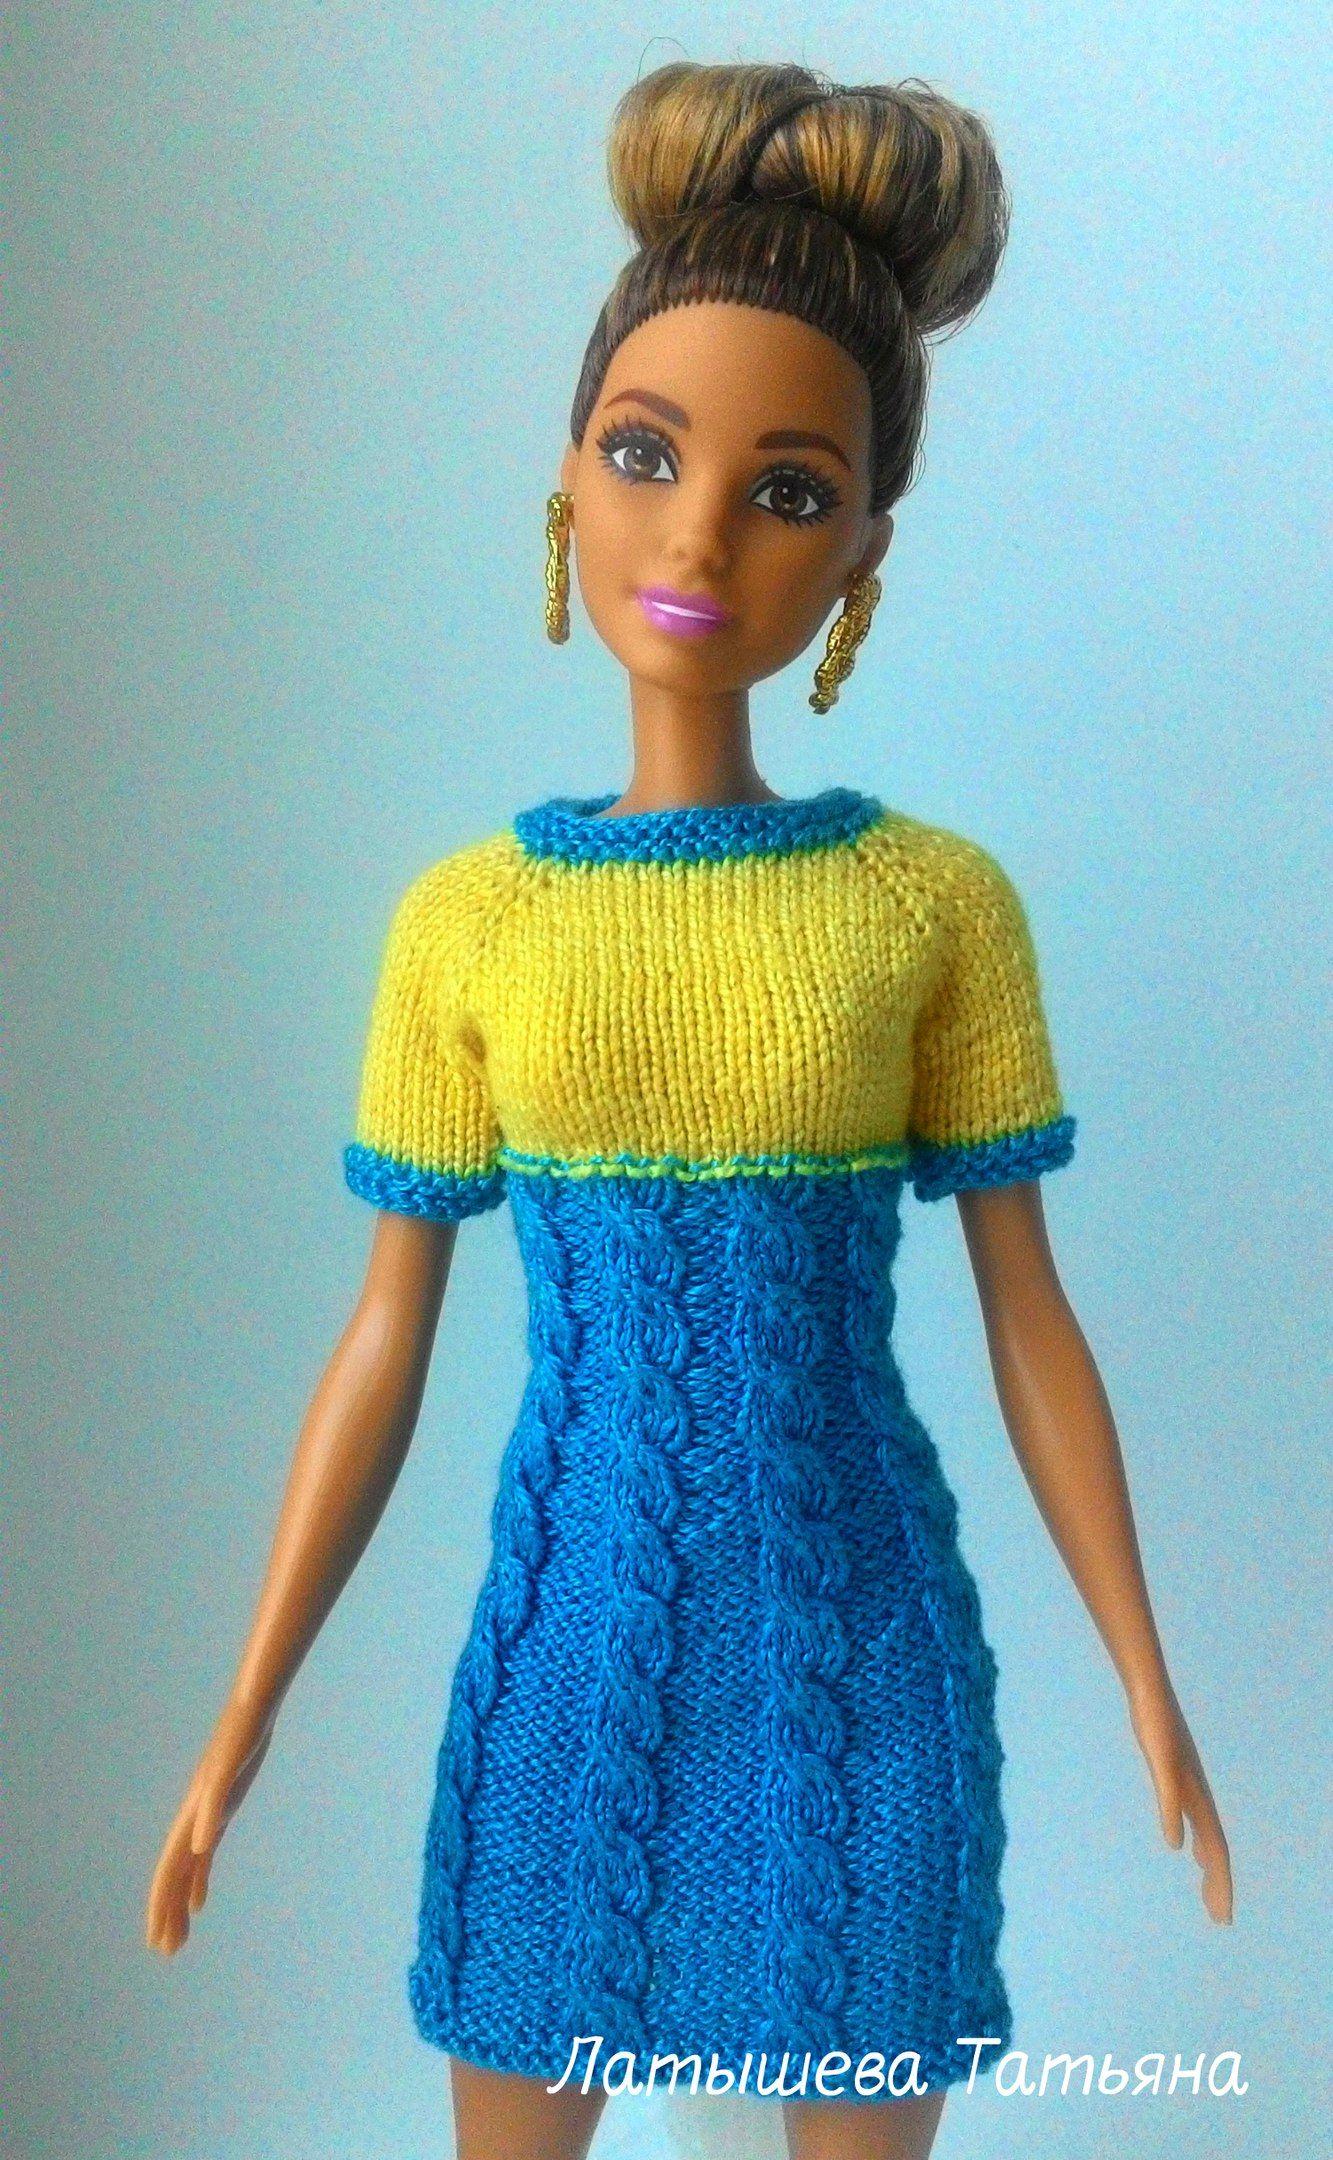 Вязание для Барби. – 71 фотография   Одежда для барби ...